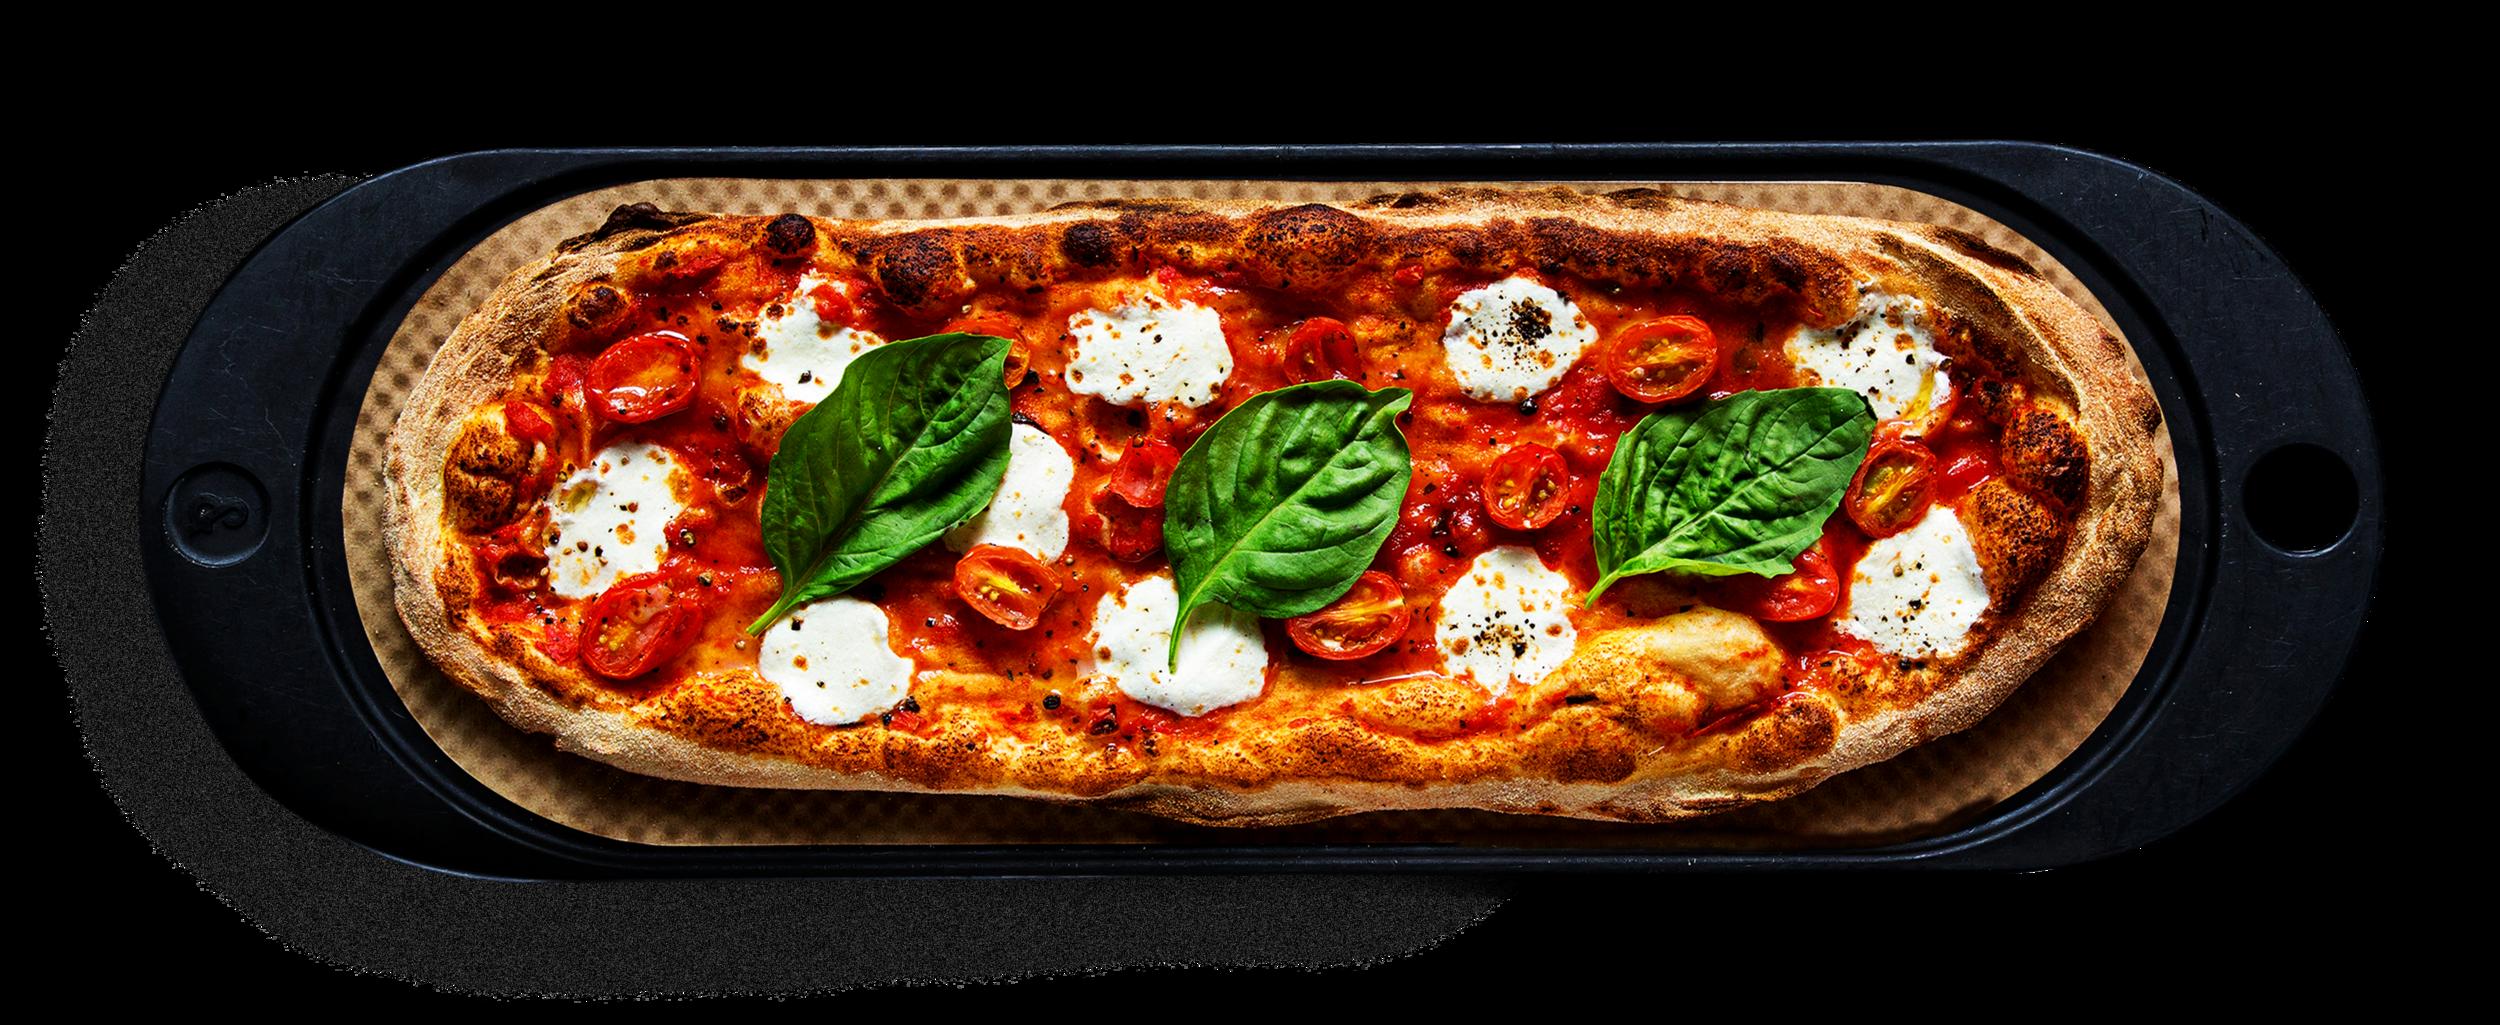 THE OG - Classic tomato, fresh mozzarella, grape tomatoes, basil, olive oil, salt + pepper